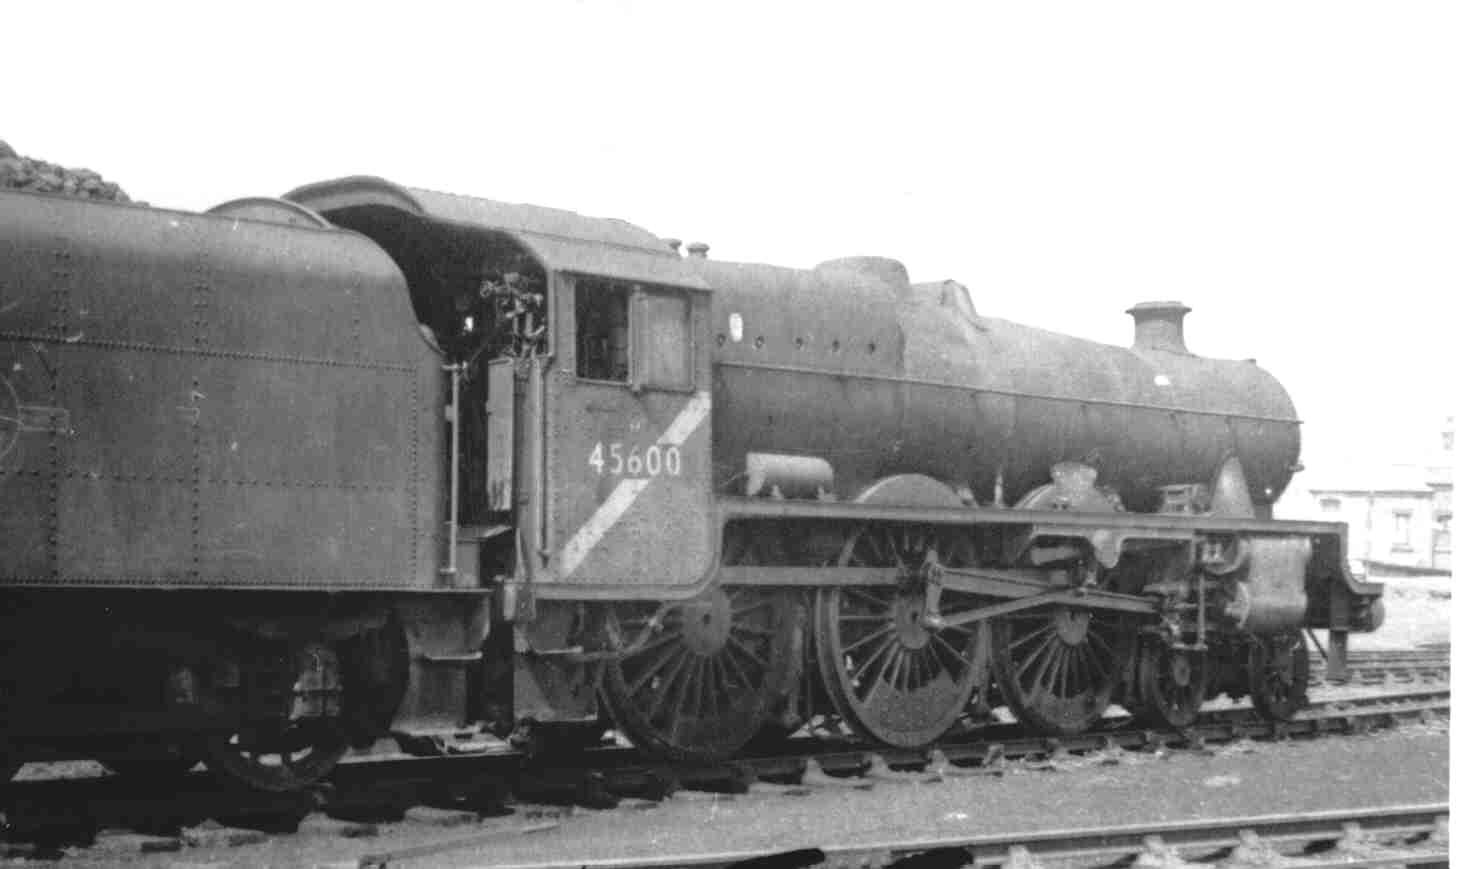 45600 Bermuda at Blackpool North, 8 May 1965